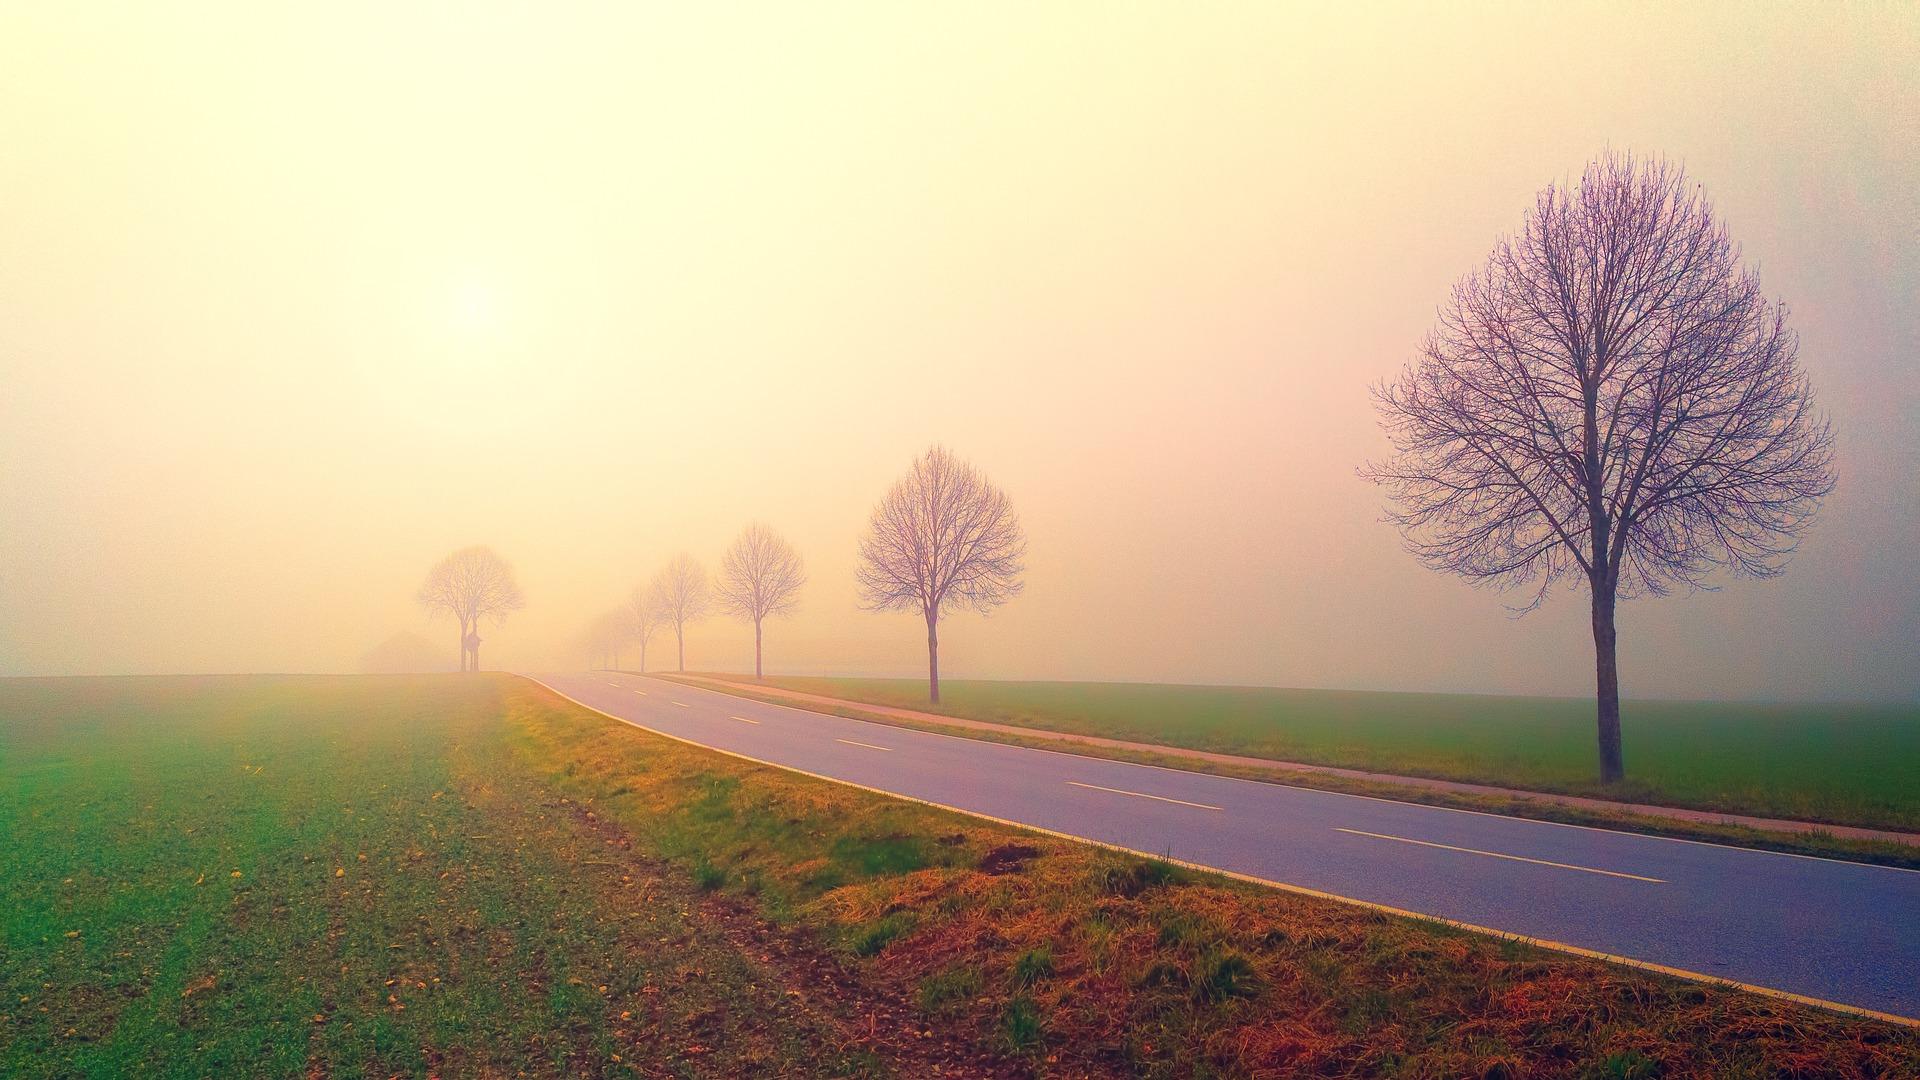 夜明けの道